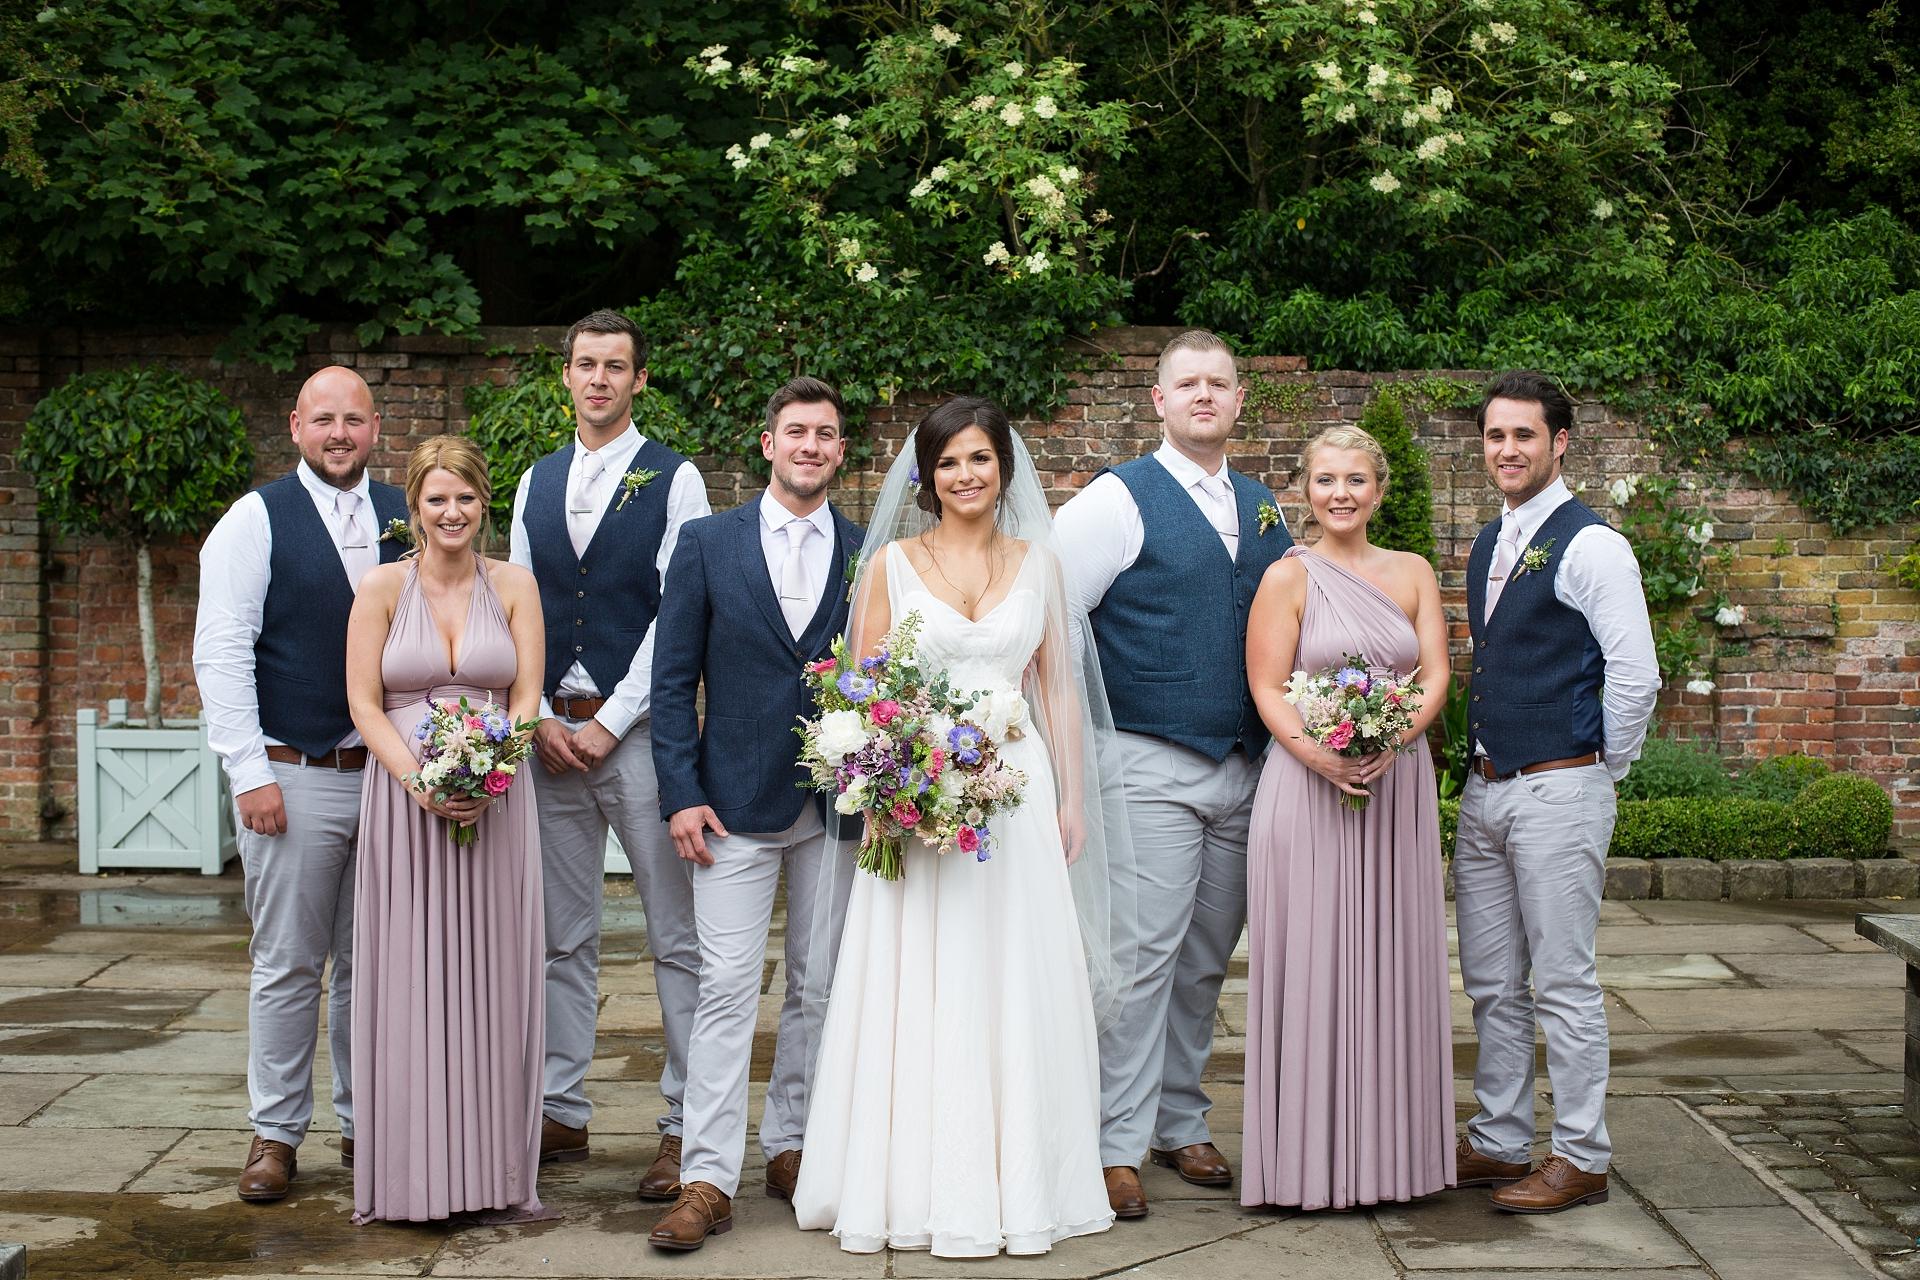 wedding group shots helen king photography